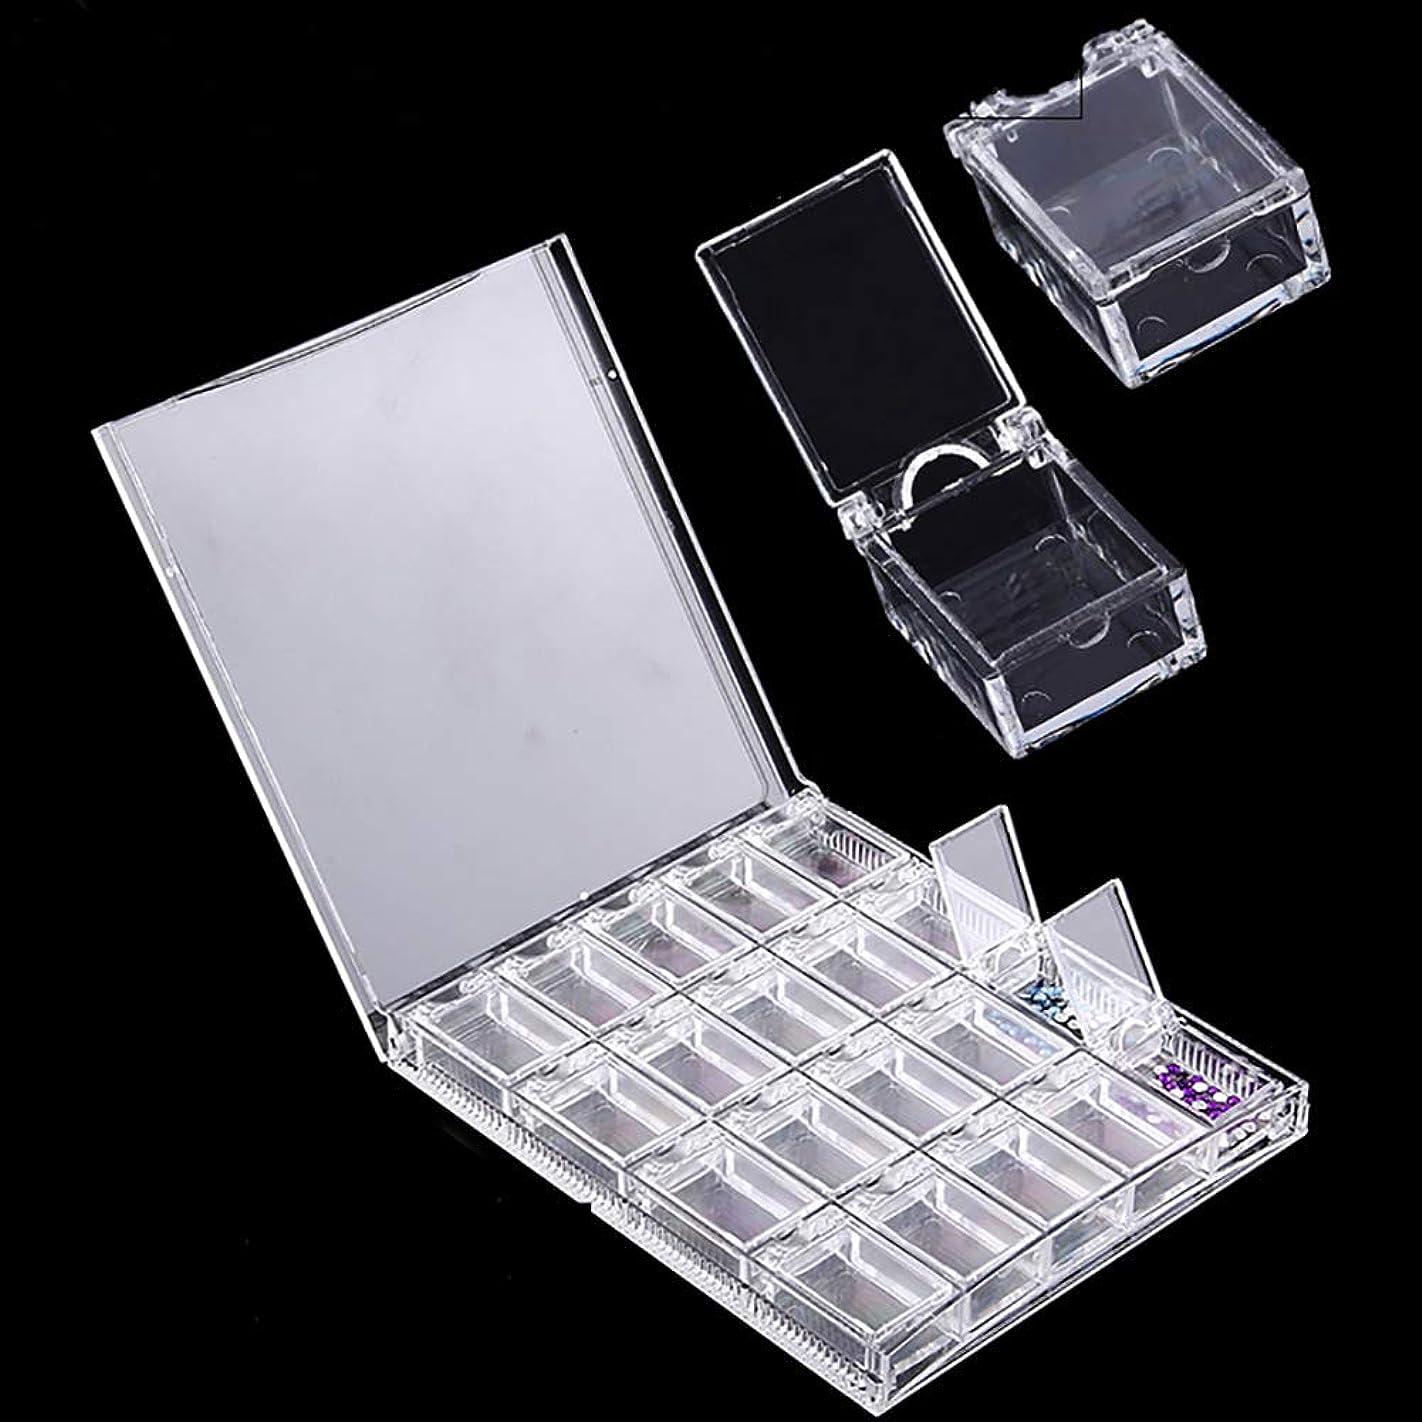 狂気ダメージカポックHOYOFO パーツボックス ネイル用品 小物収納ケース クリア 多機能 アクセサリー収納 おしゃれ 取り外し可能 フタ付き 20個 透明